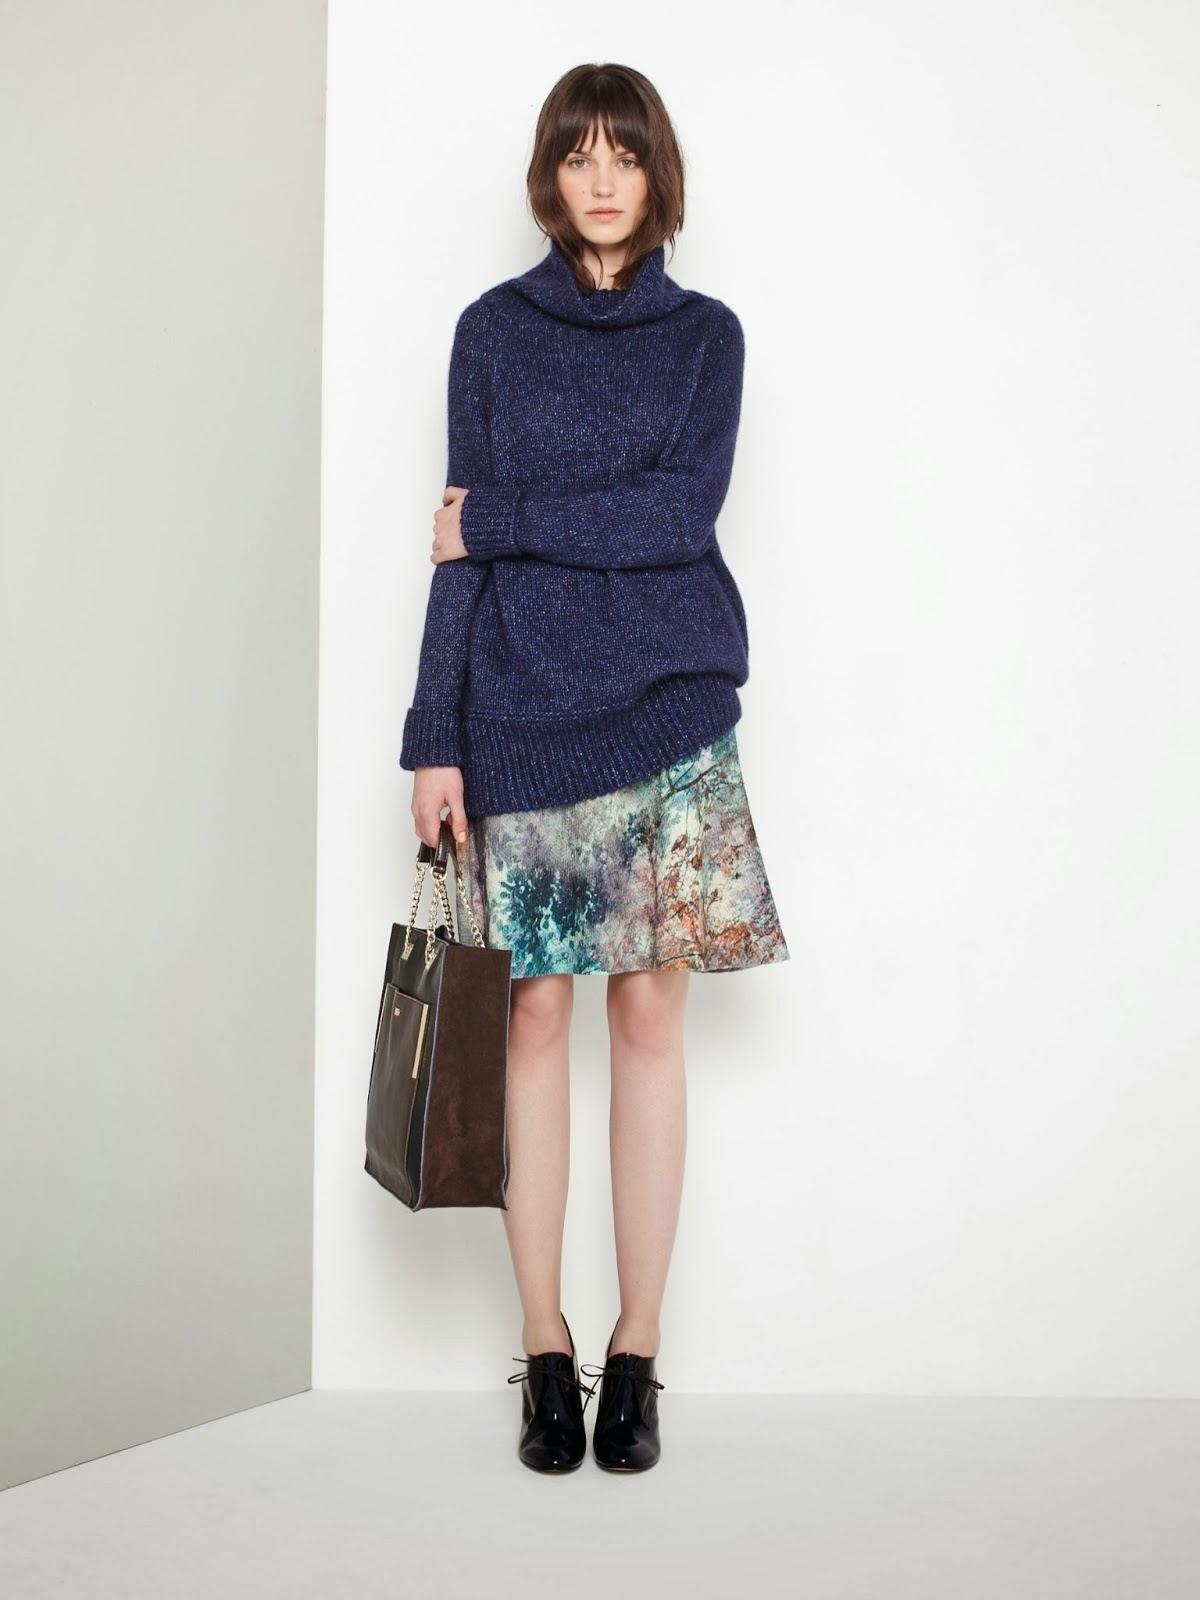 Ademas una seccion breve de sado articulos complemento de moda de mujer 5586